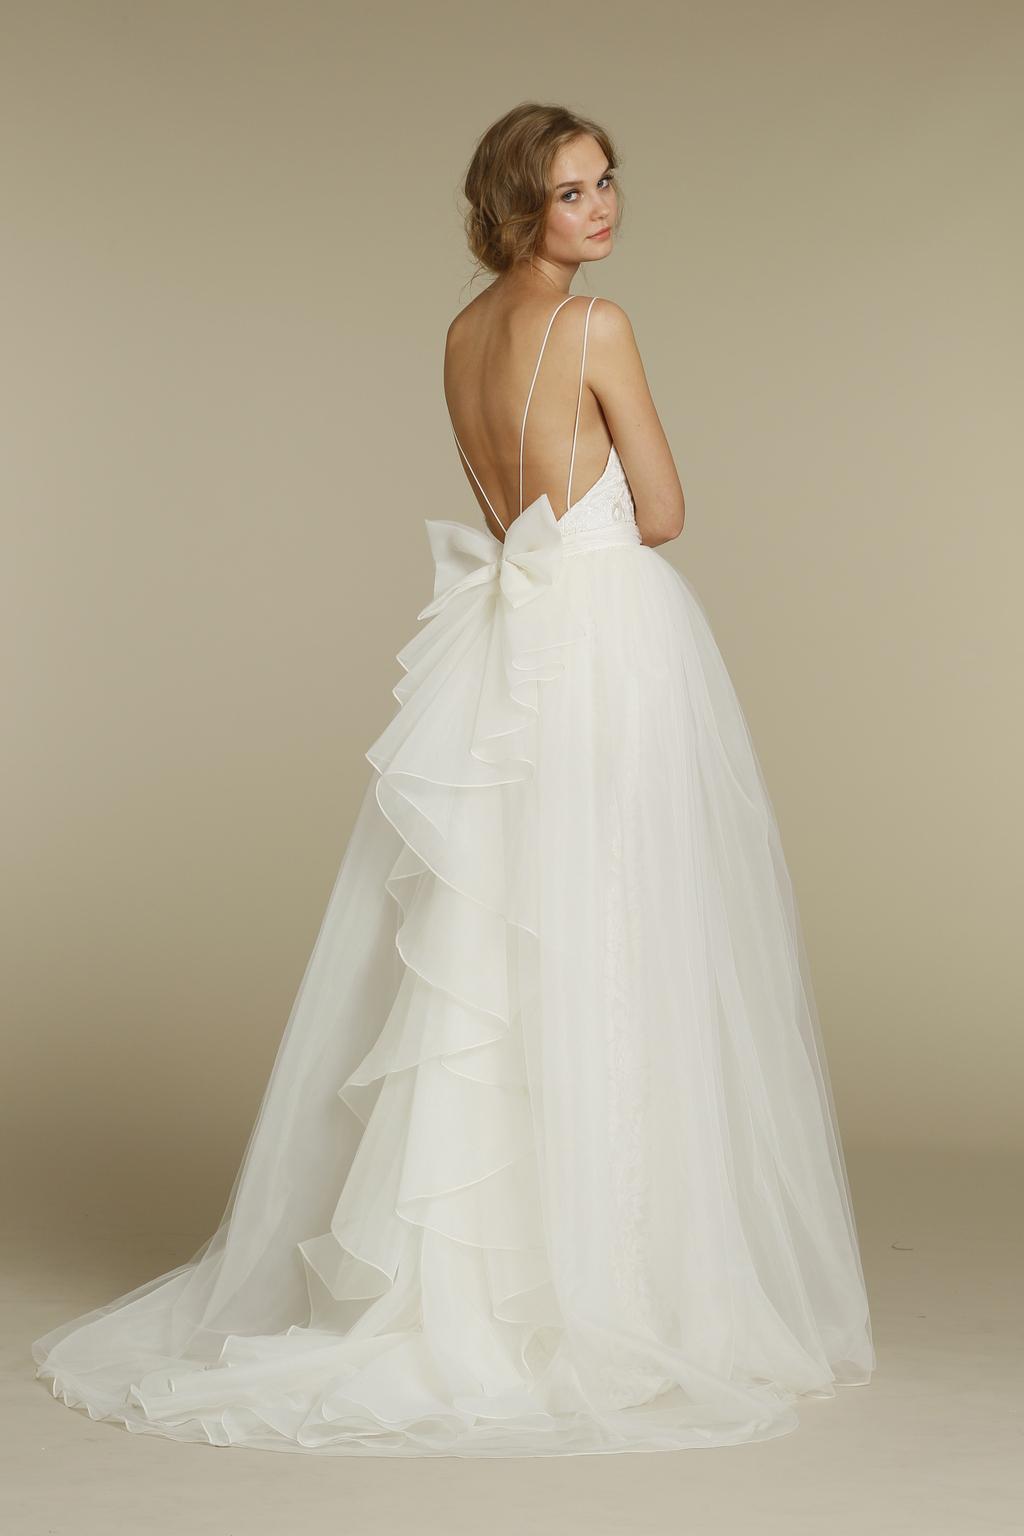 Jim-hjelm-blush-wedding-dress-spring-2012-bridal-gowns-1201-back.full